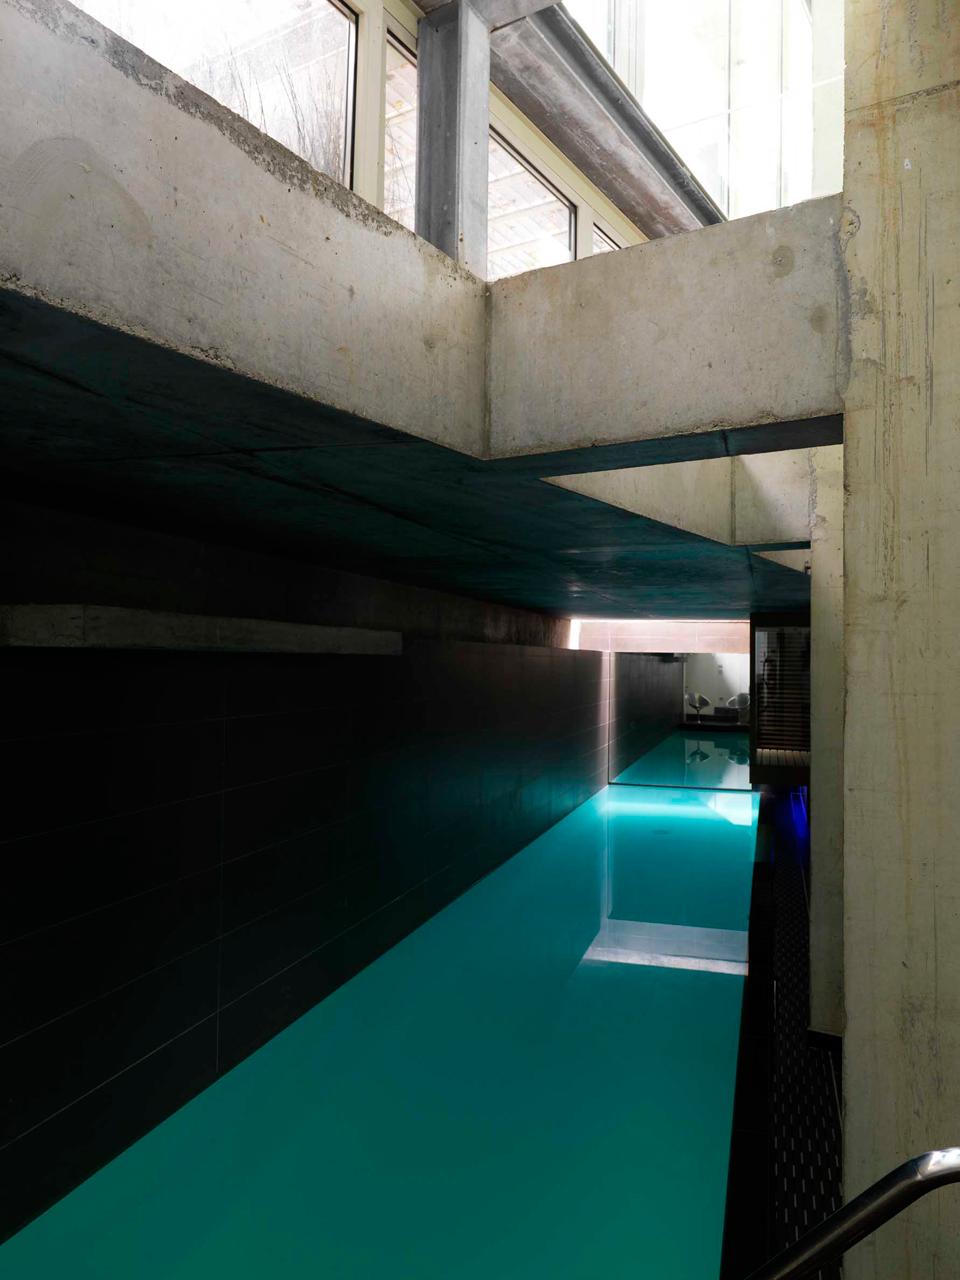 Home-Studio-Iosa-Ghini-3a